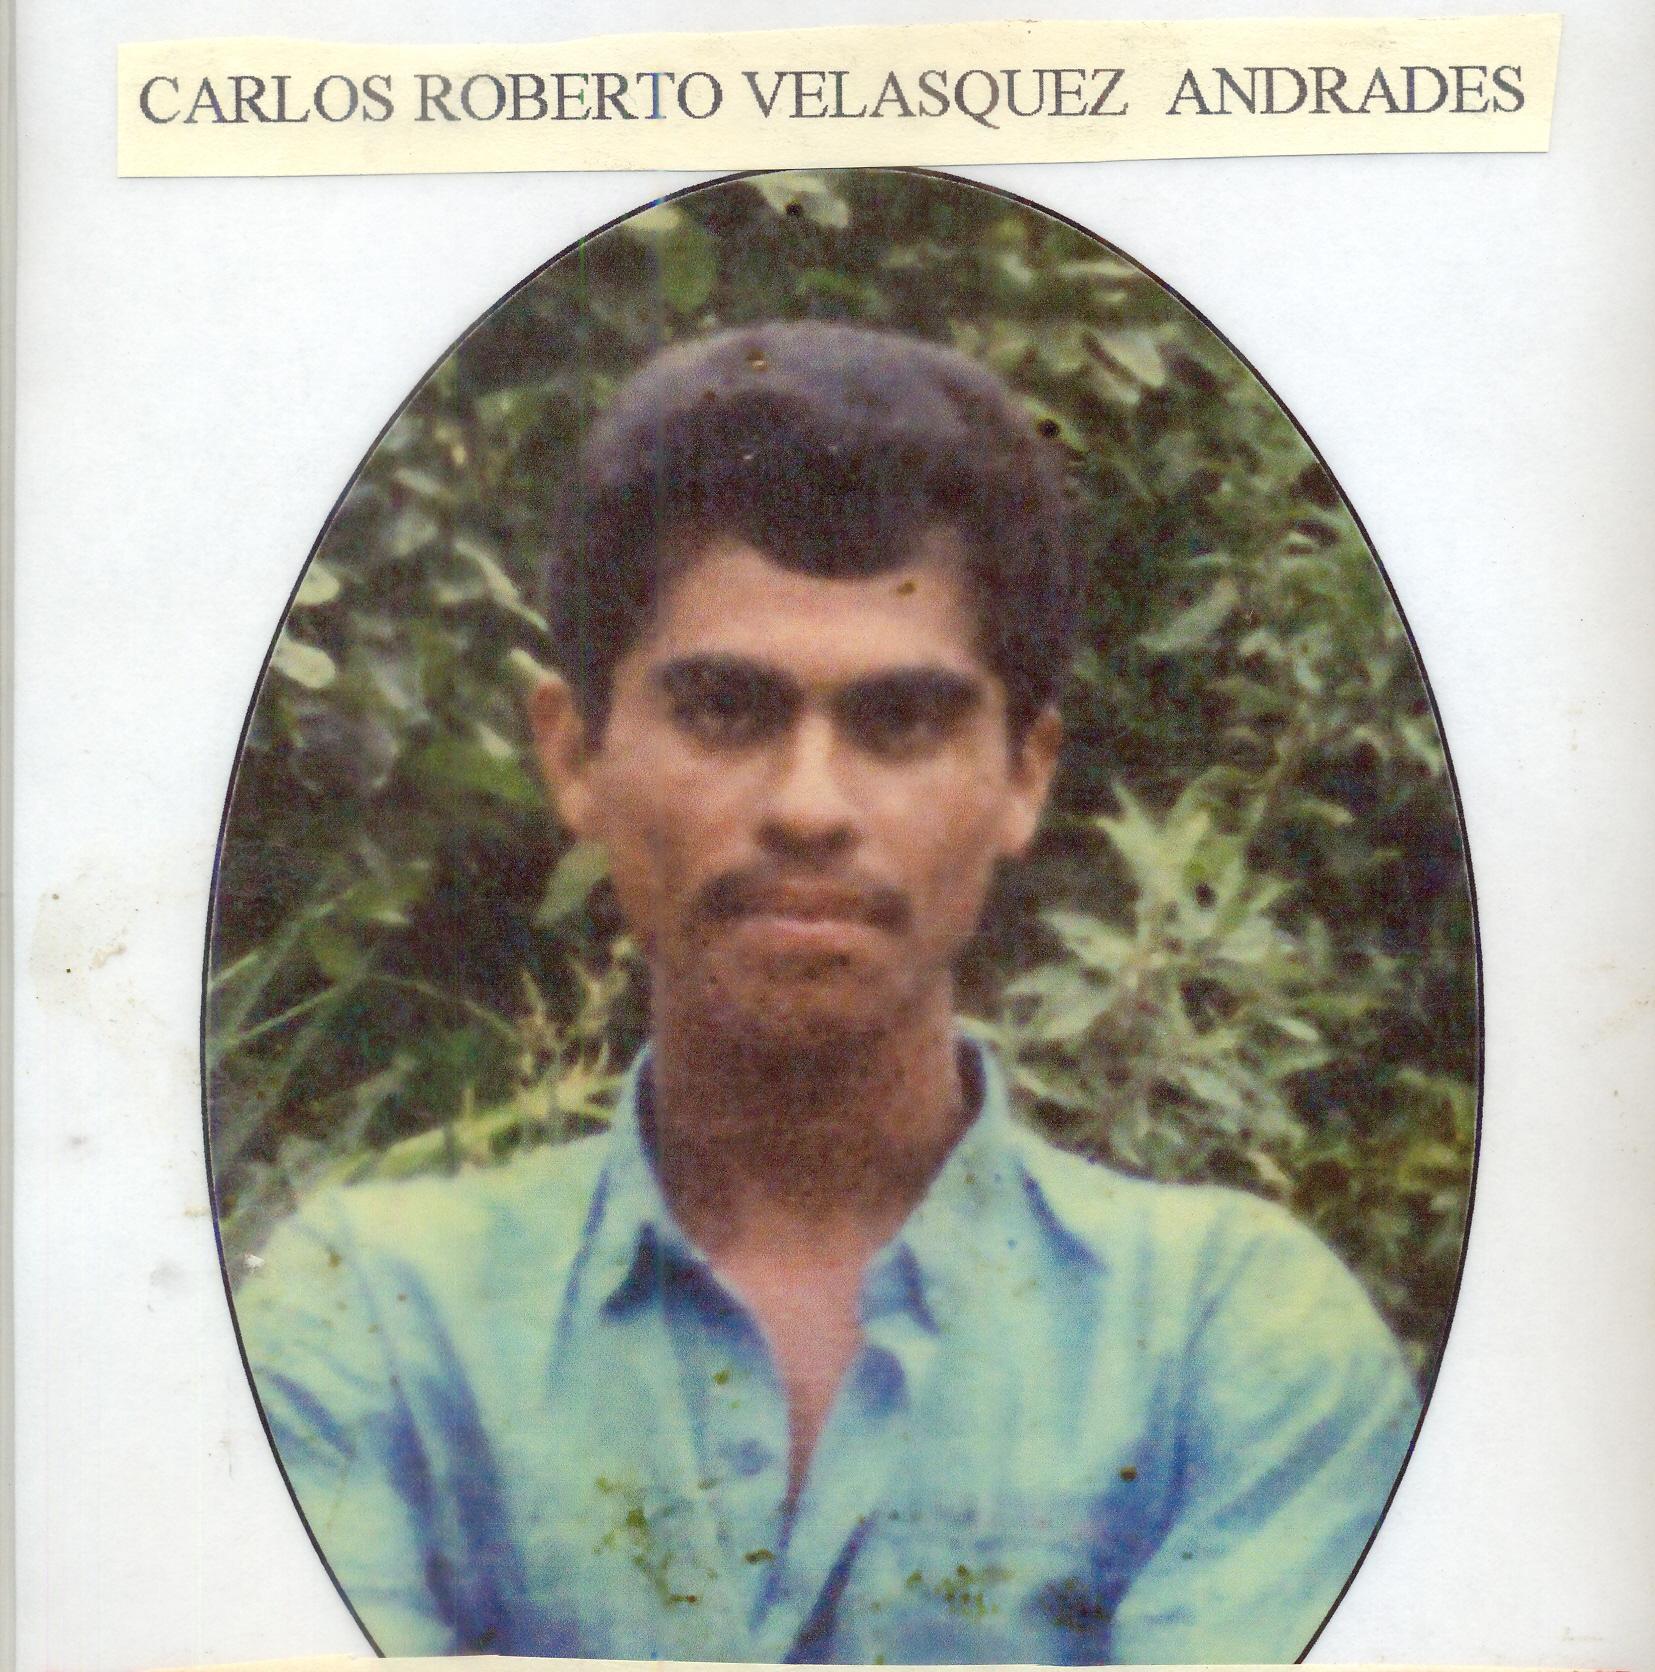 Carlos Roberto Velásquez Andrade